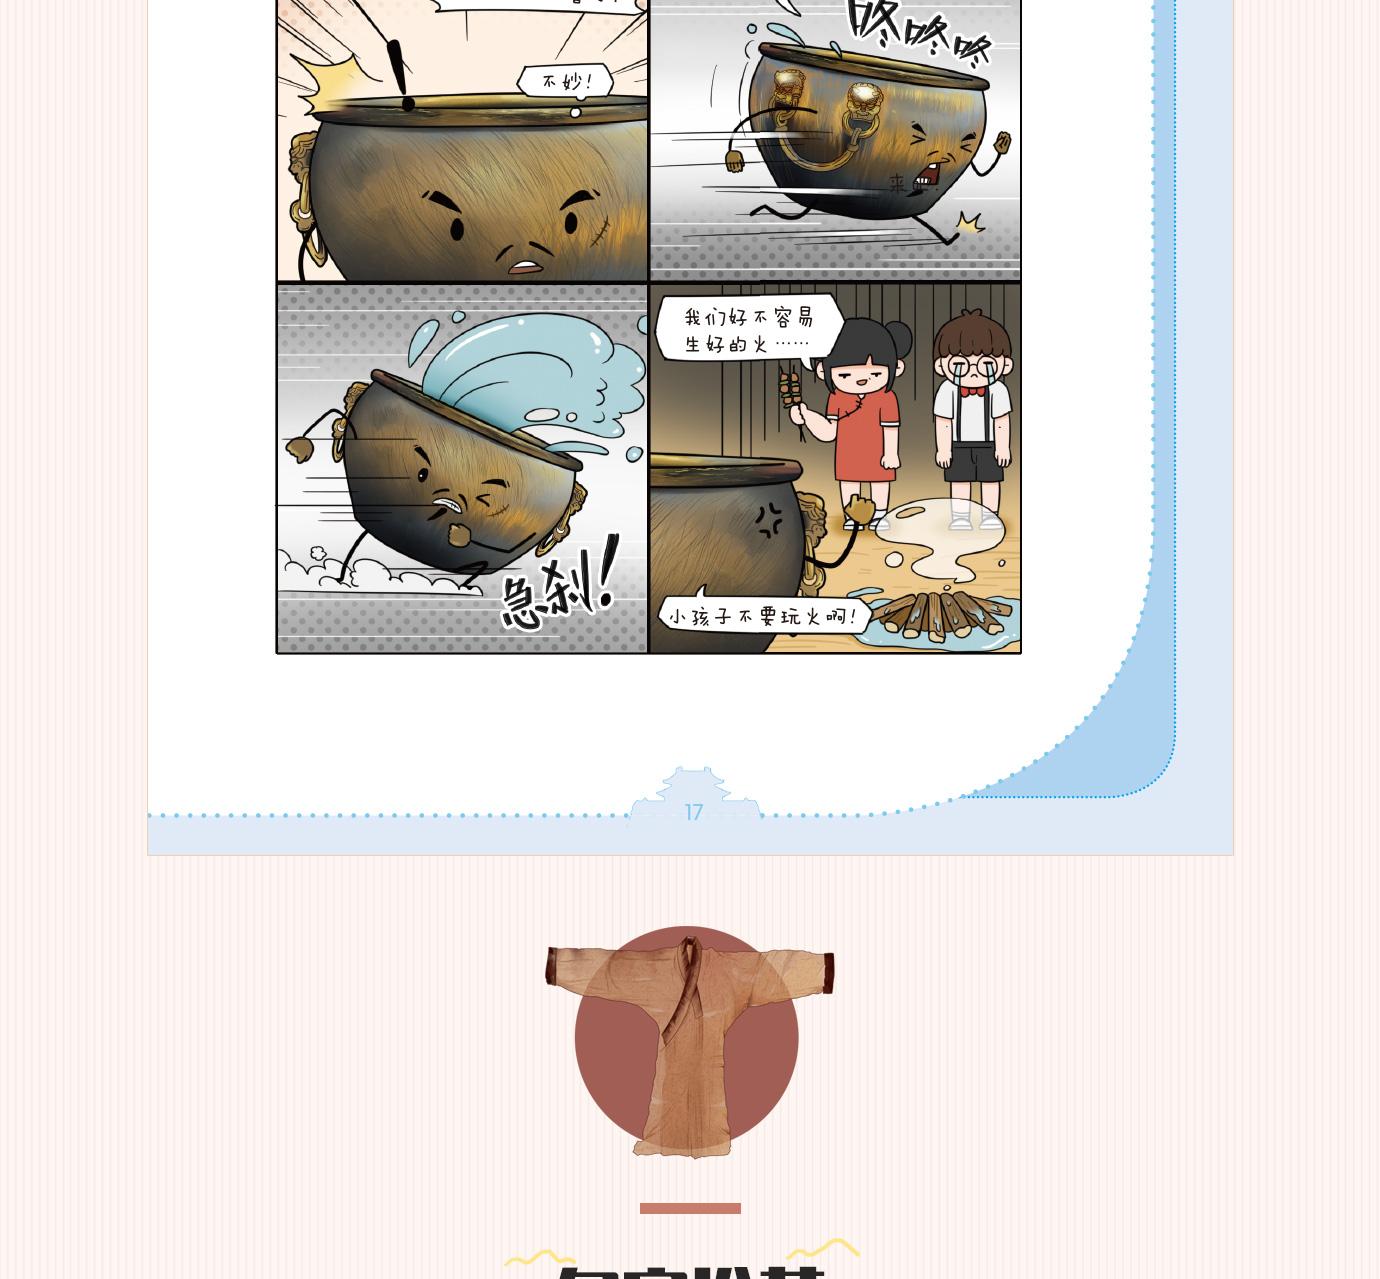 漫话国宝 (34).jpg